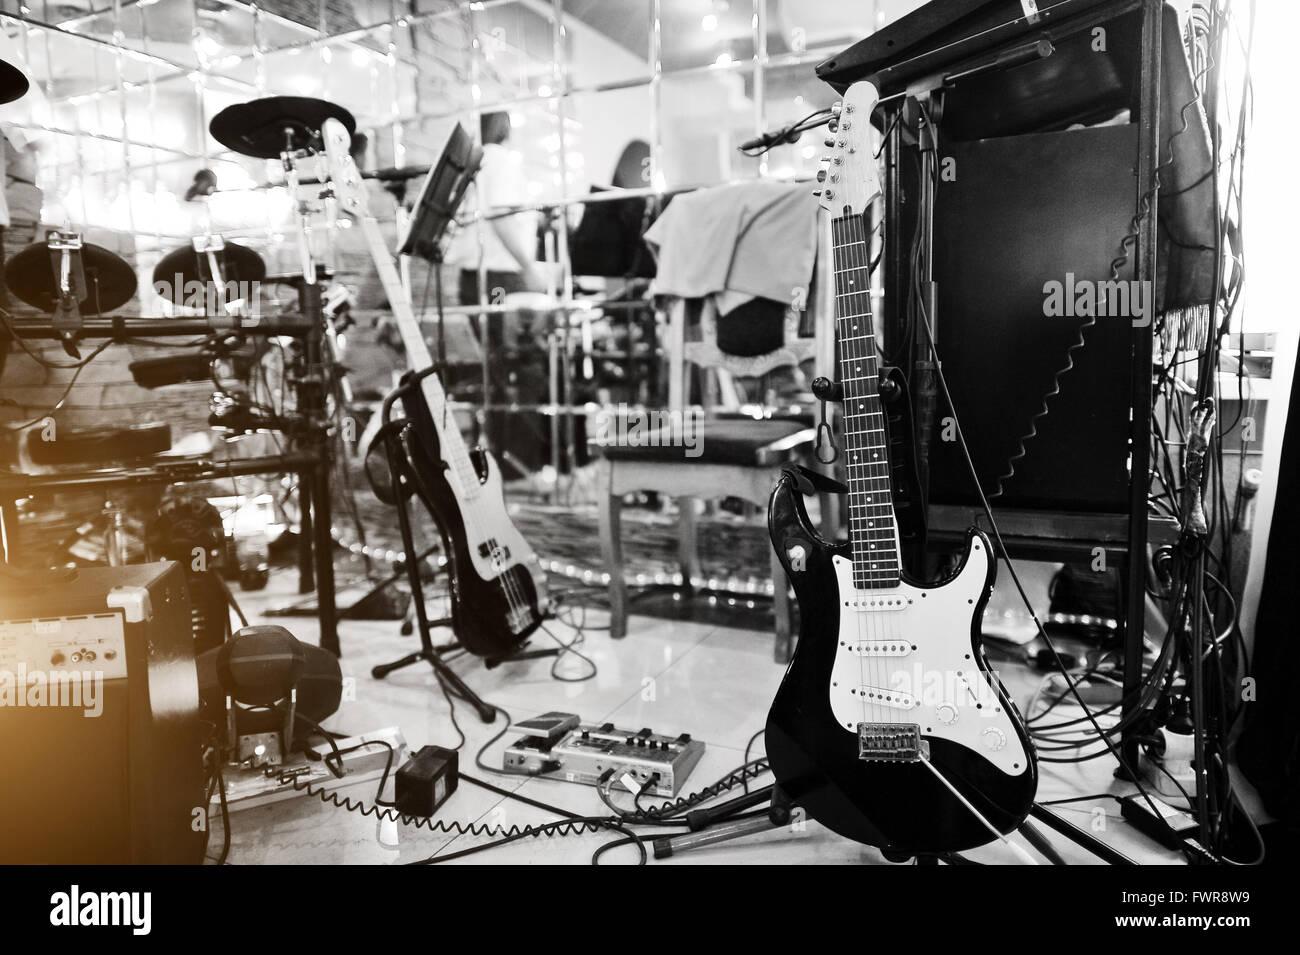 La mise en place d'effets de traitement audio guitare et guitare électrique Photo Stock